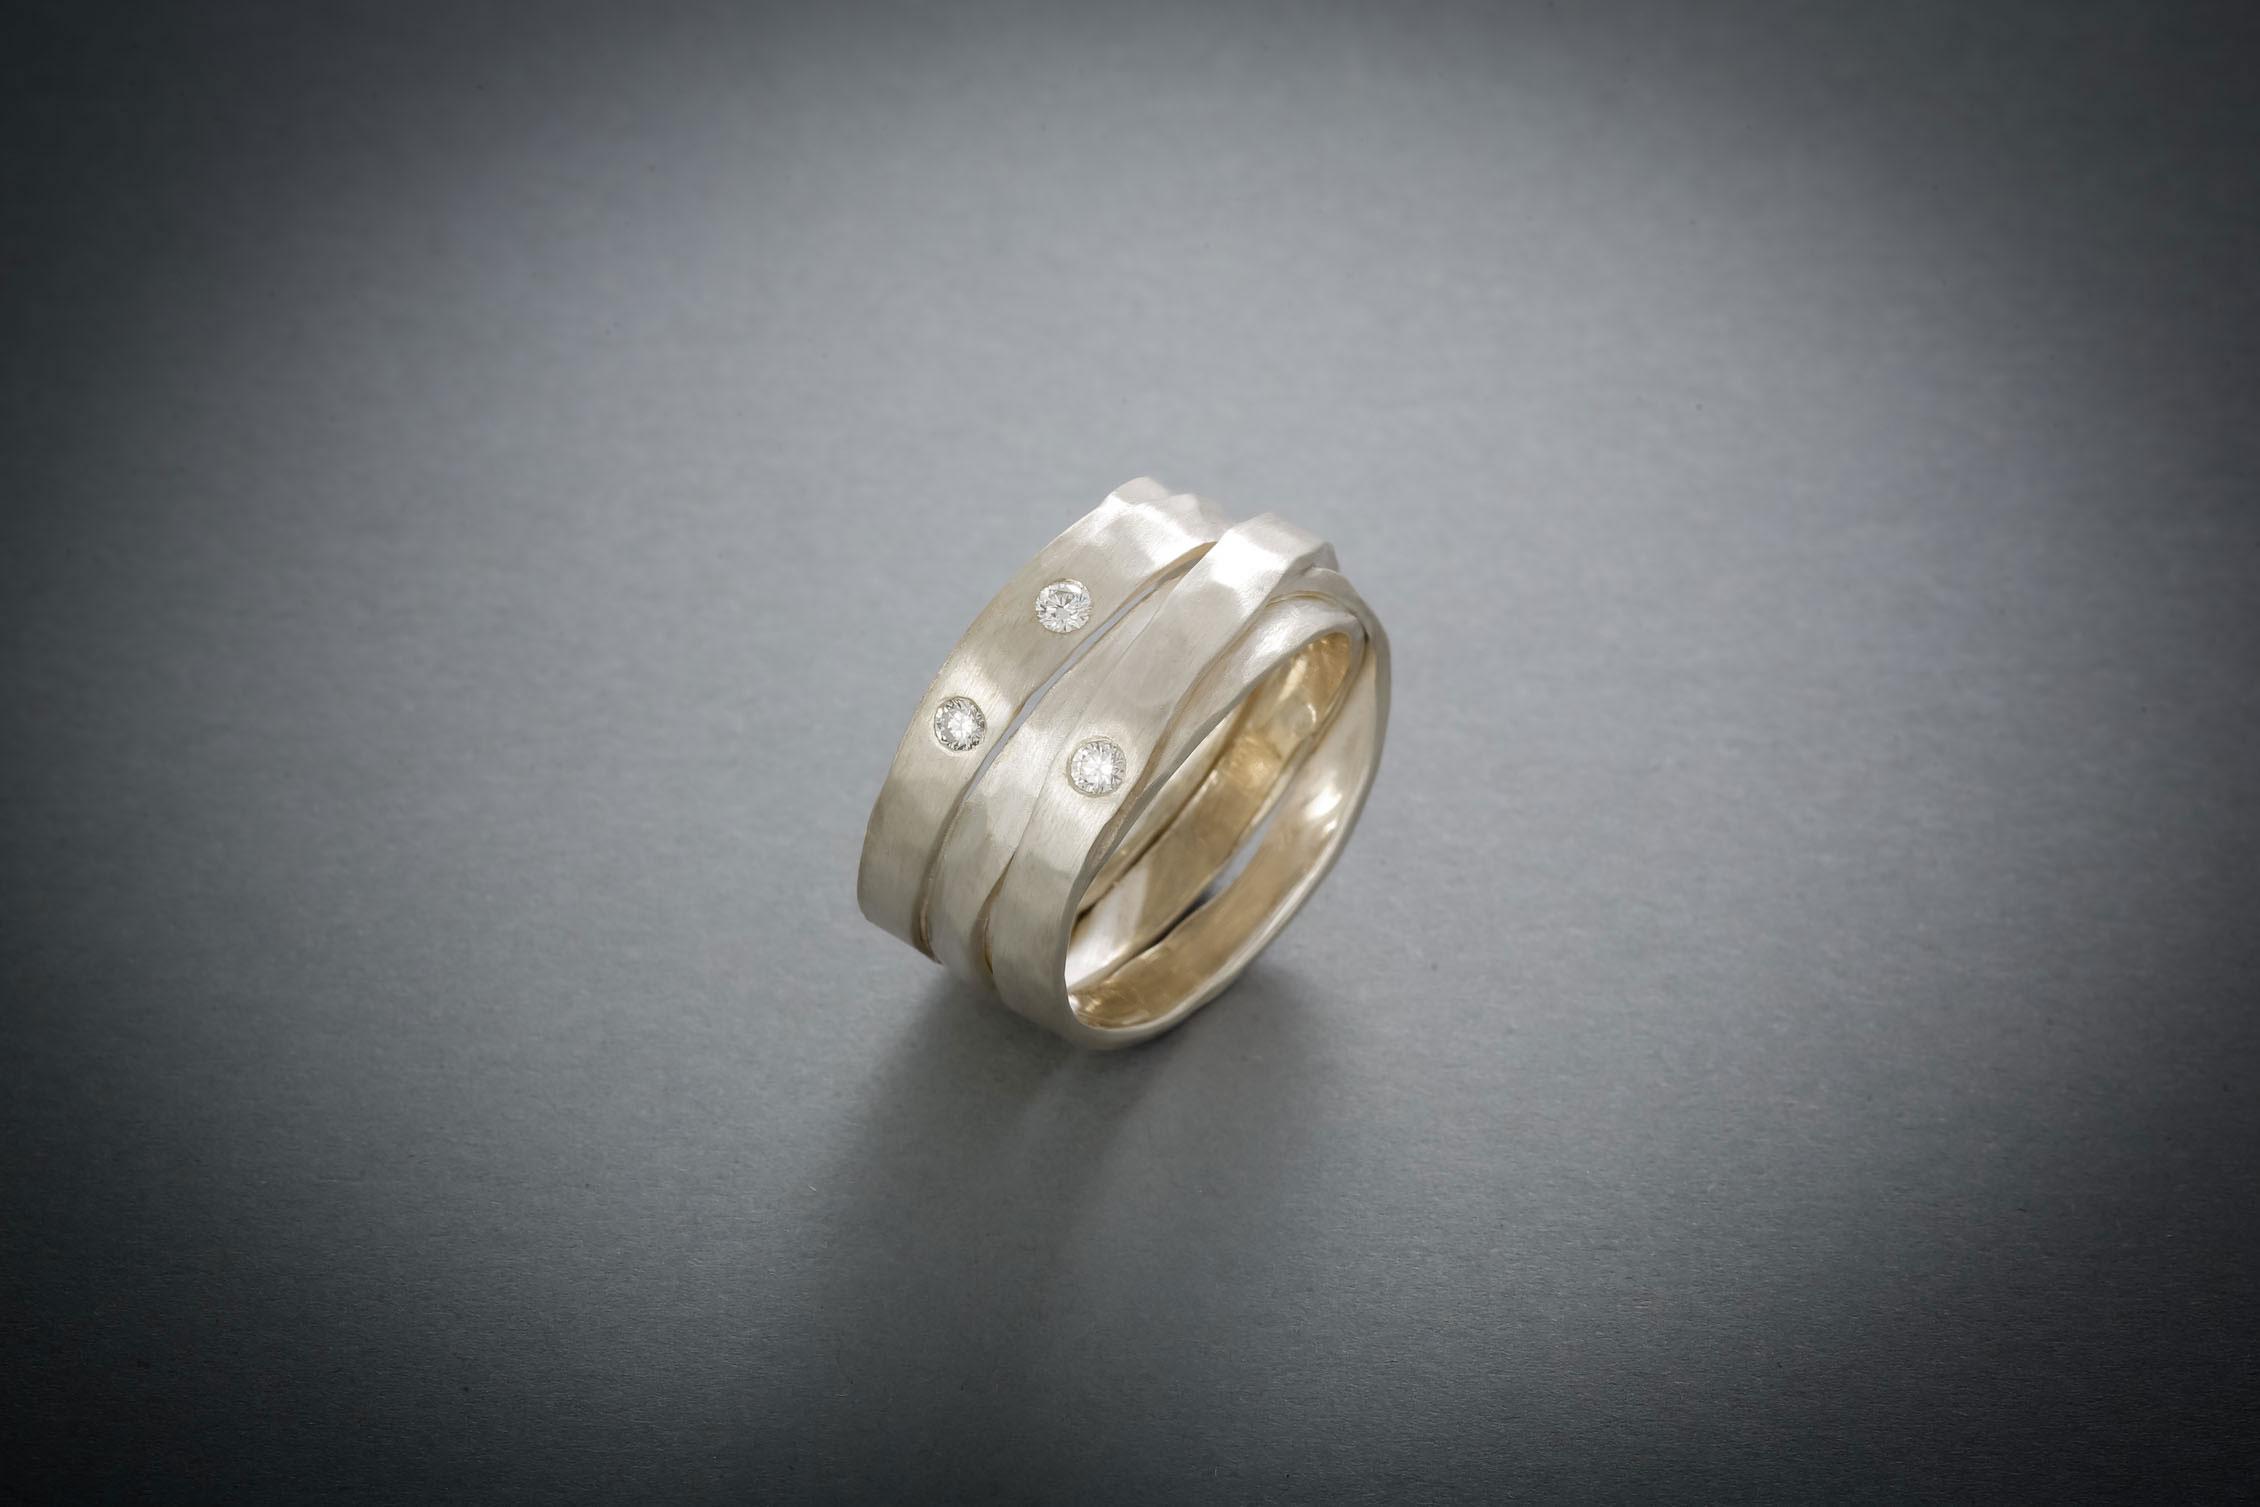 008 Wickelring, Silber, geschmiedet, 3 Brillanten € 378,-